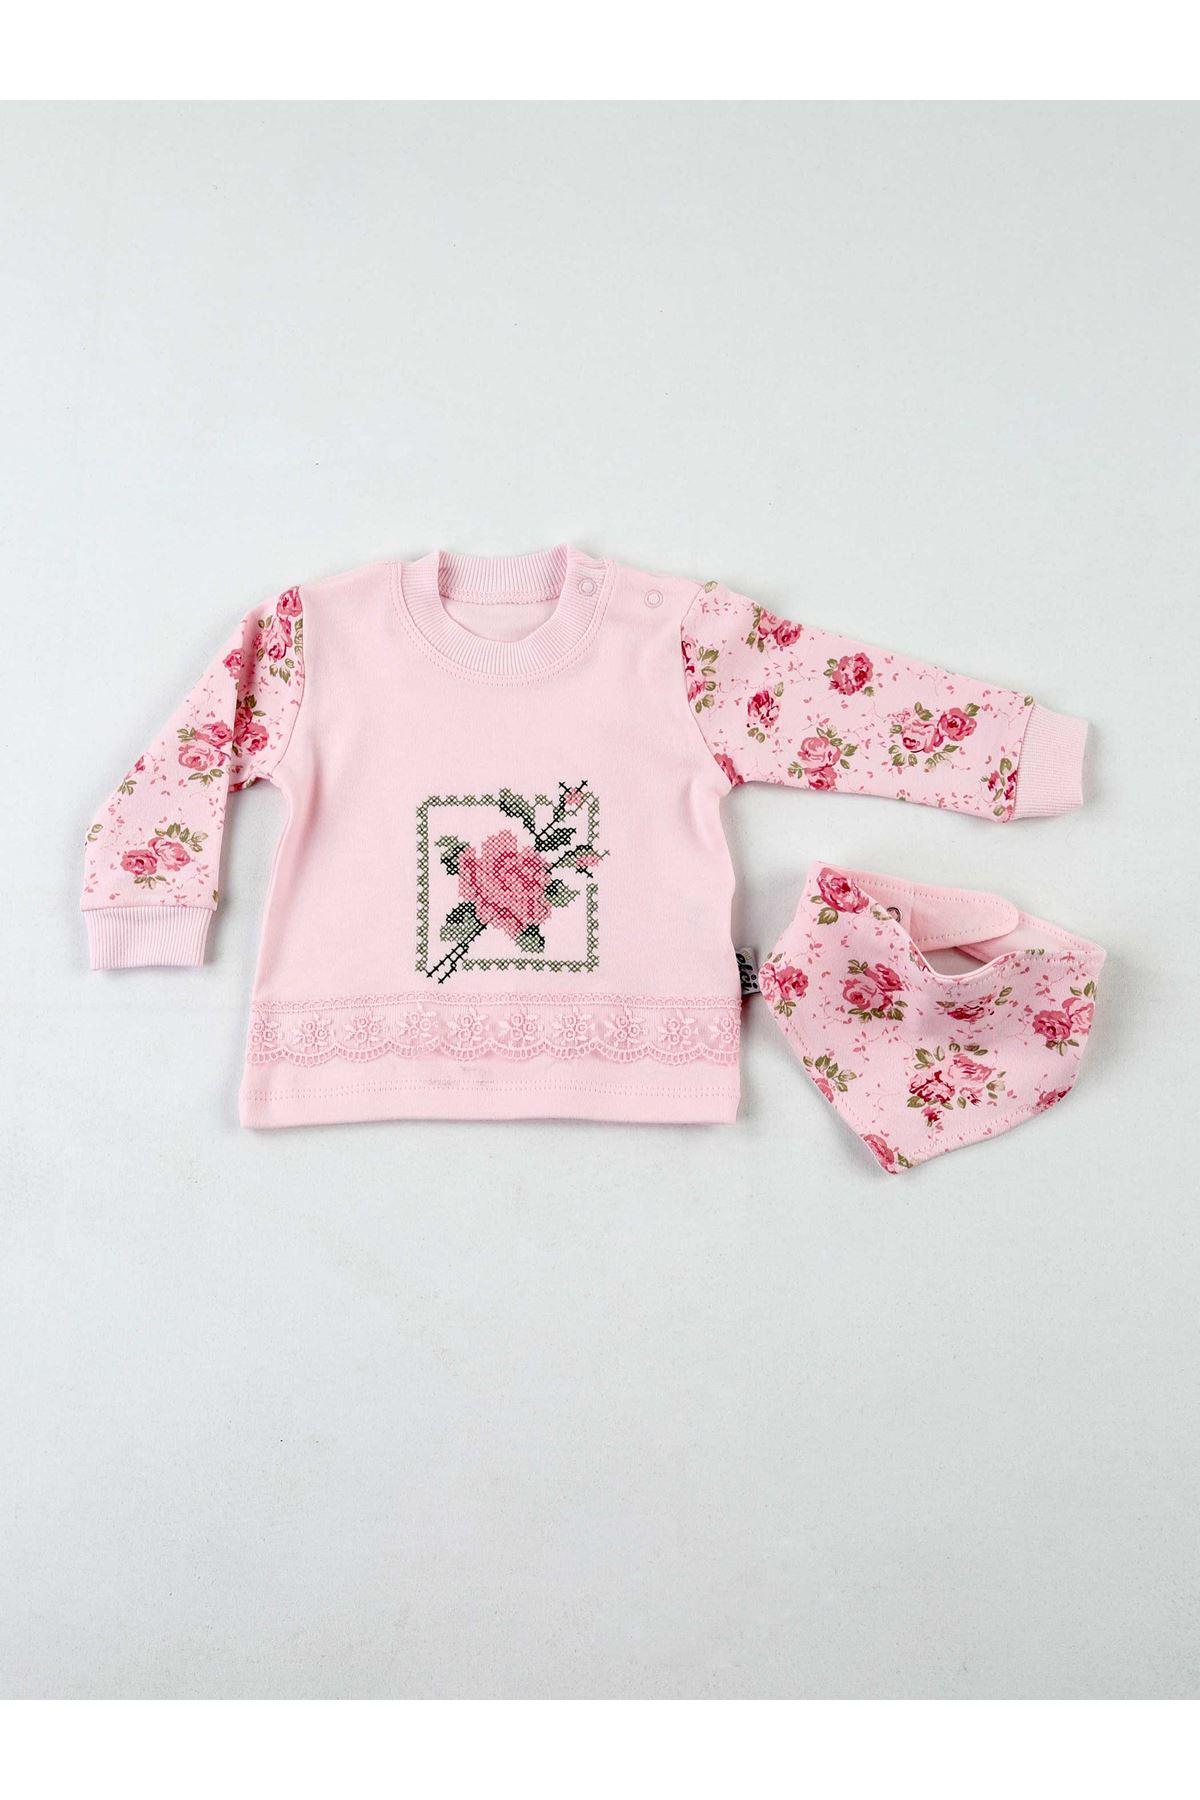 Pembe Mevsimlik Kız Bebek 3 lü Takım